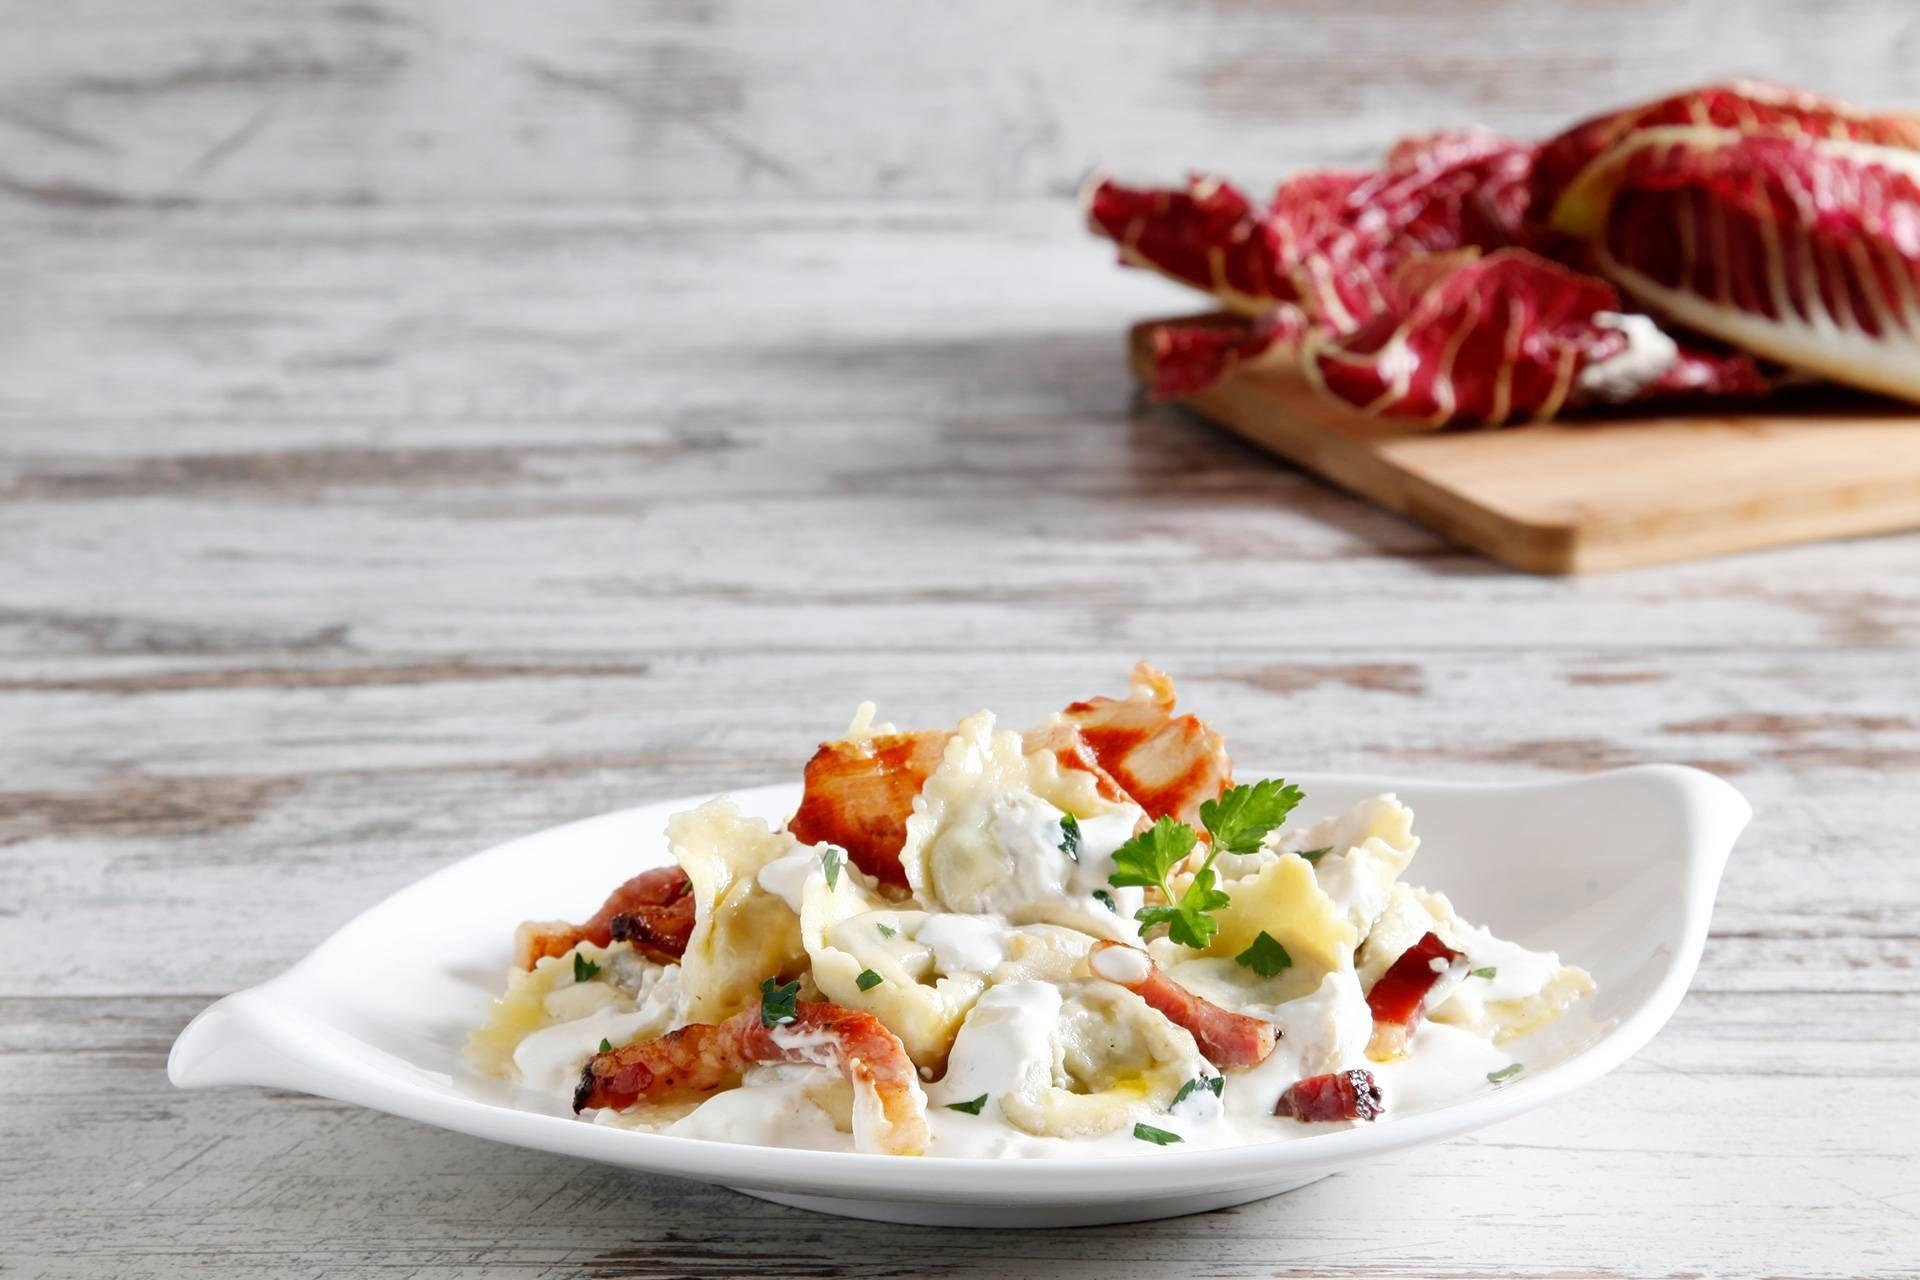 Tortellini con speck e radicchio - Parmalat